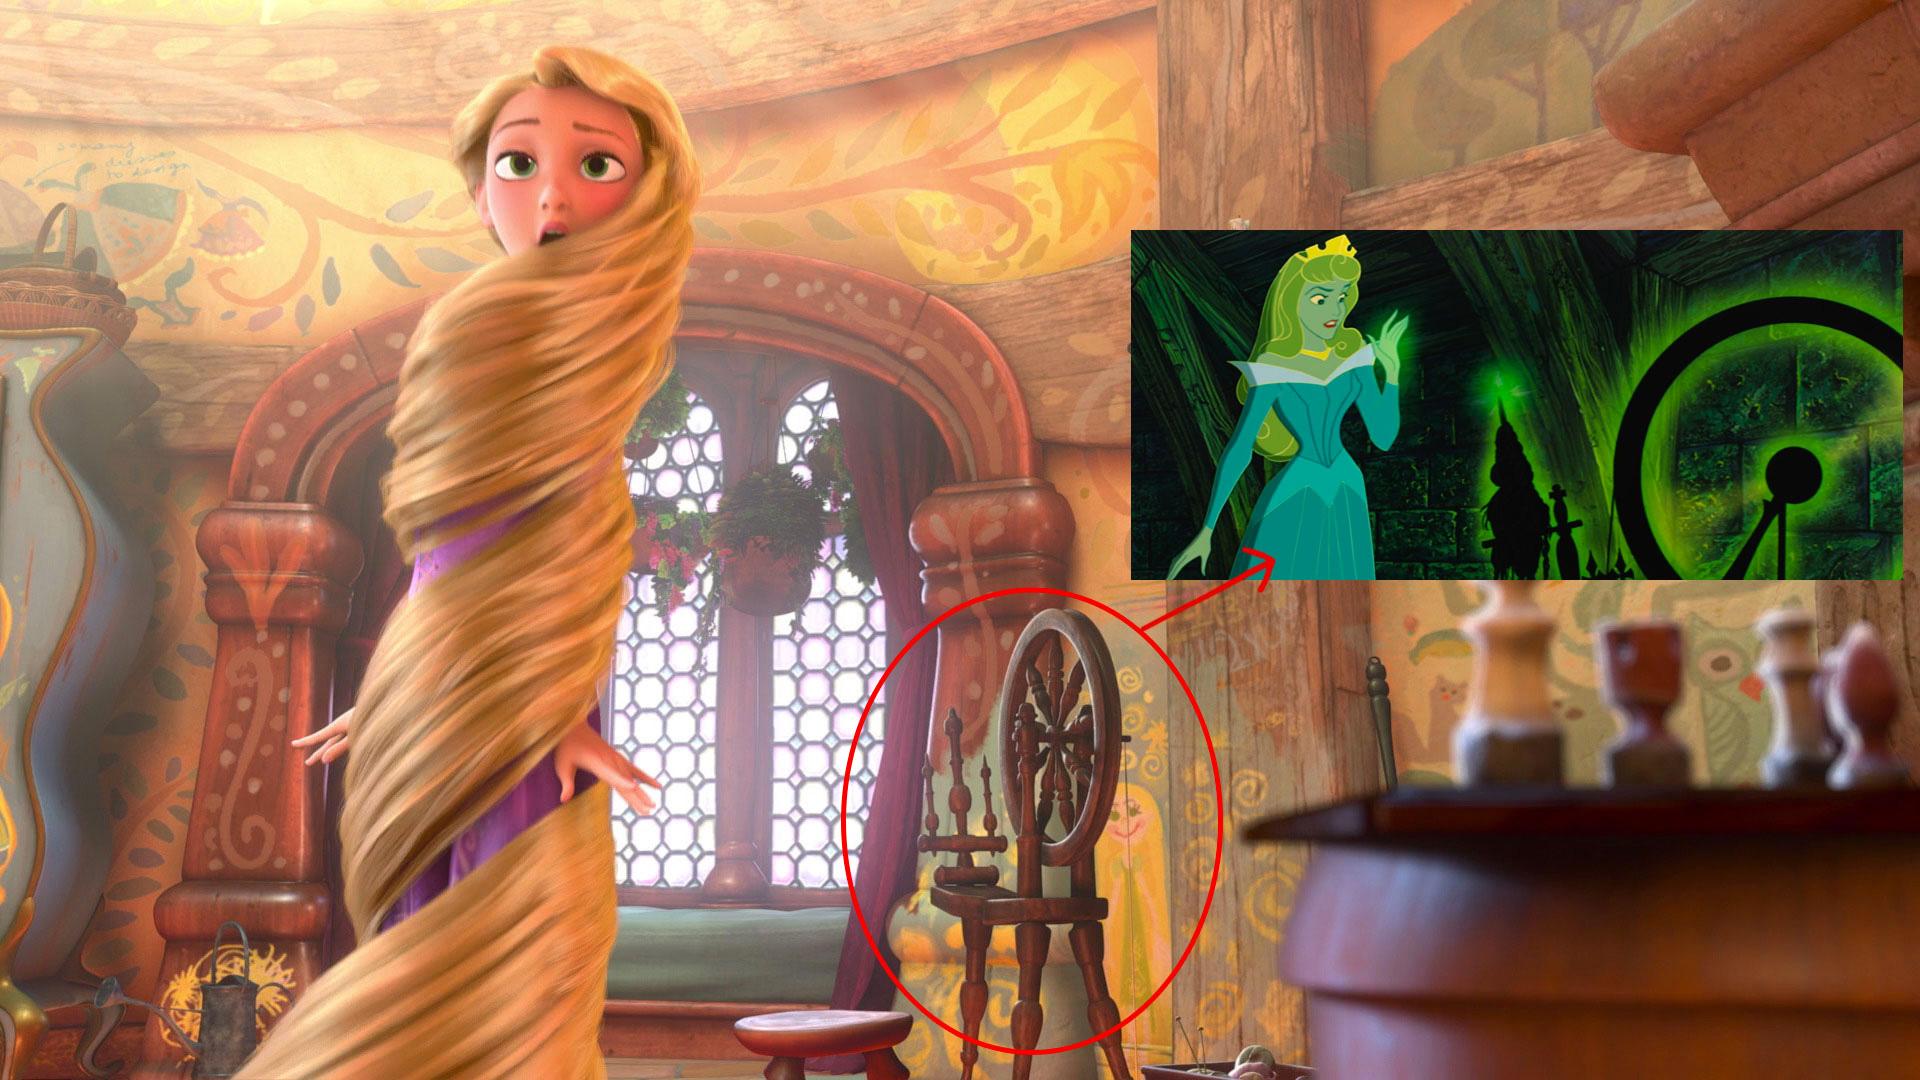 Des détails cachés dans les film d'anime que personne n'a remarqué